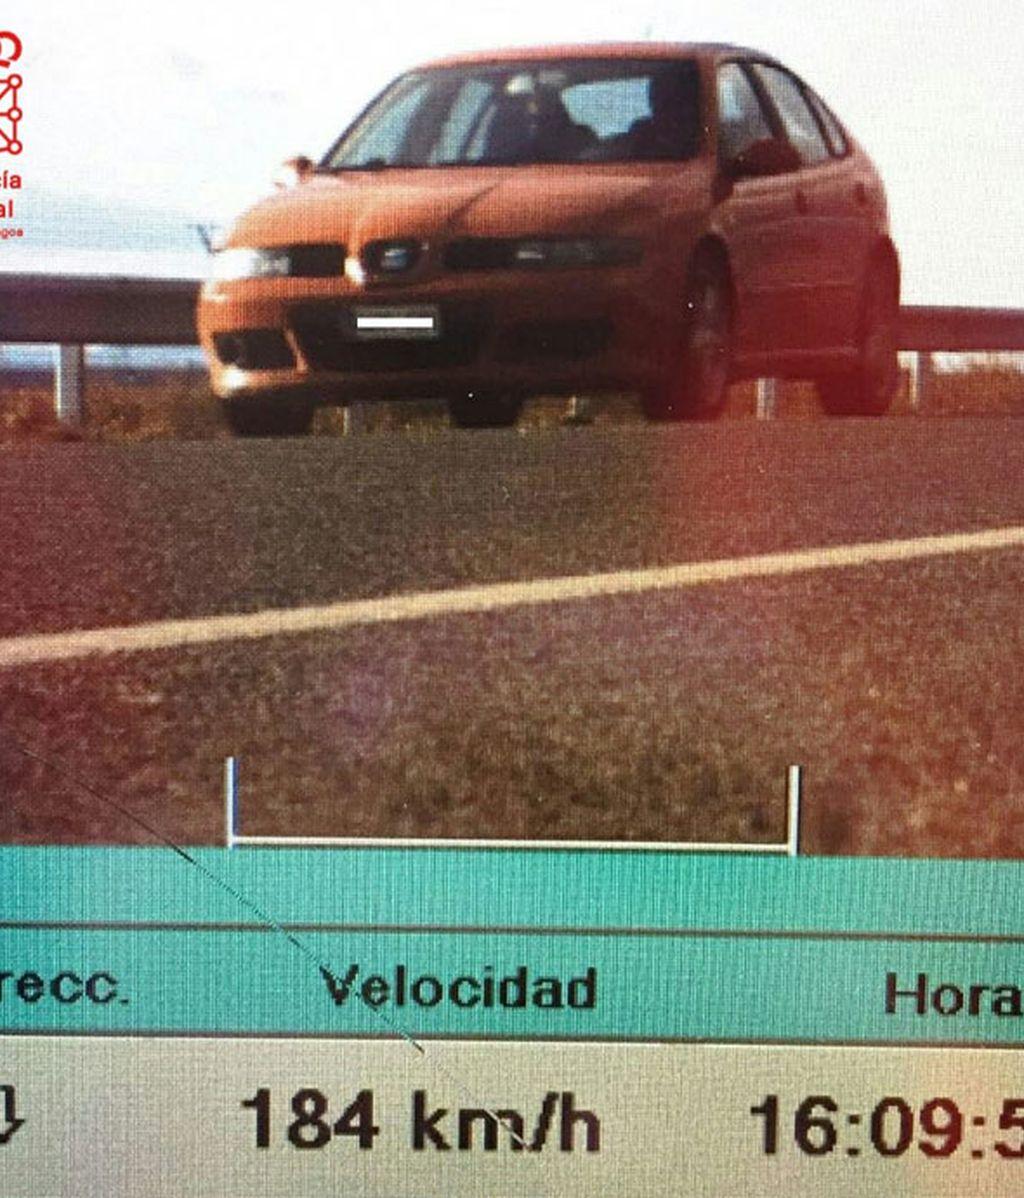 Multado por ir a 184 Km/h en una vía de 90, positivo en dos drogas e ITV caducada